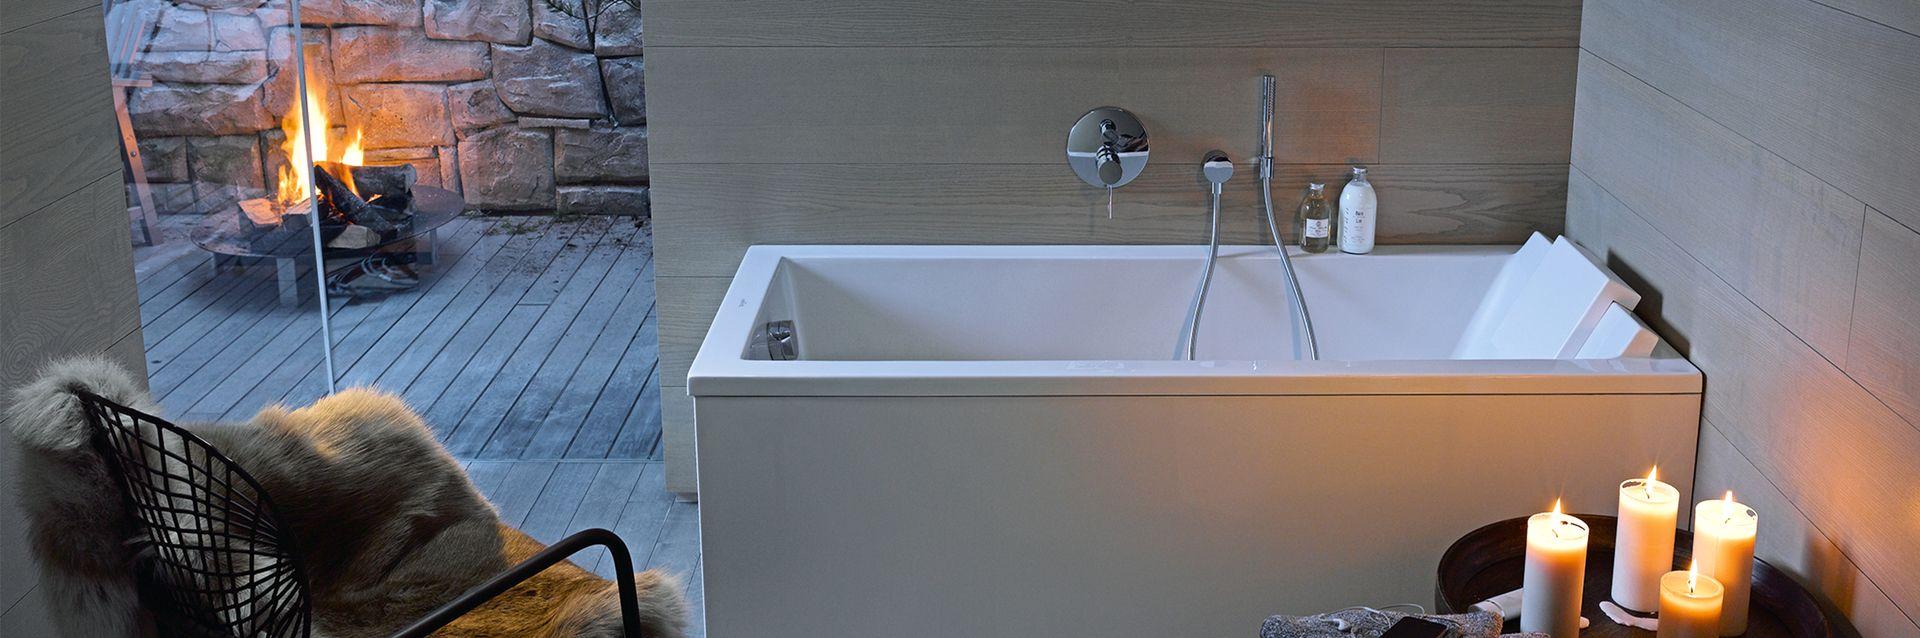 Zo maakt u van uw badkamer een thuisspa - Zo maakt u van uw badkamer een thuisspa